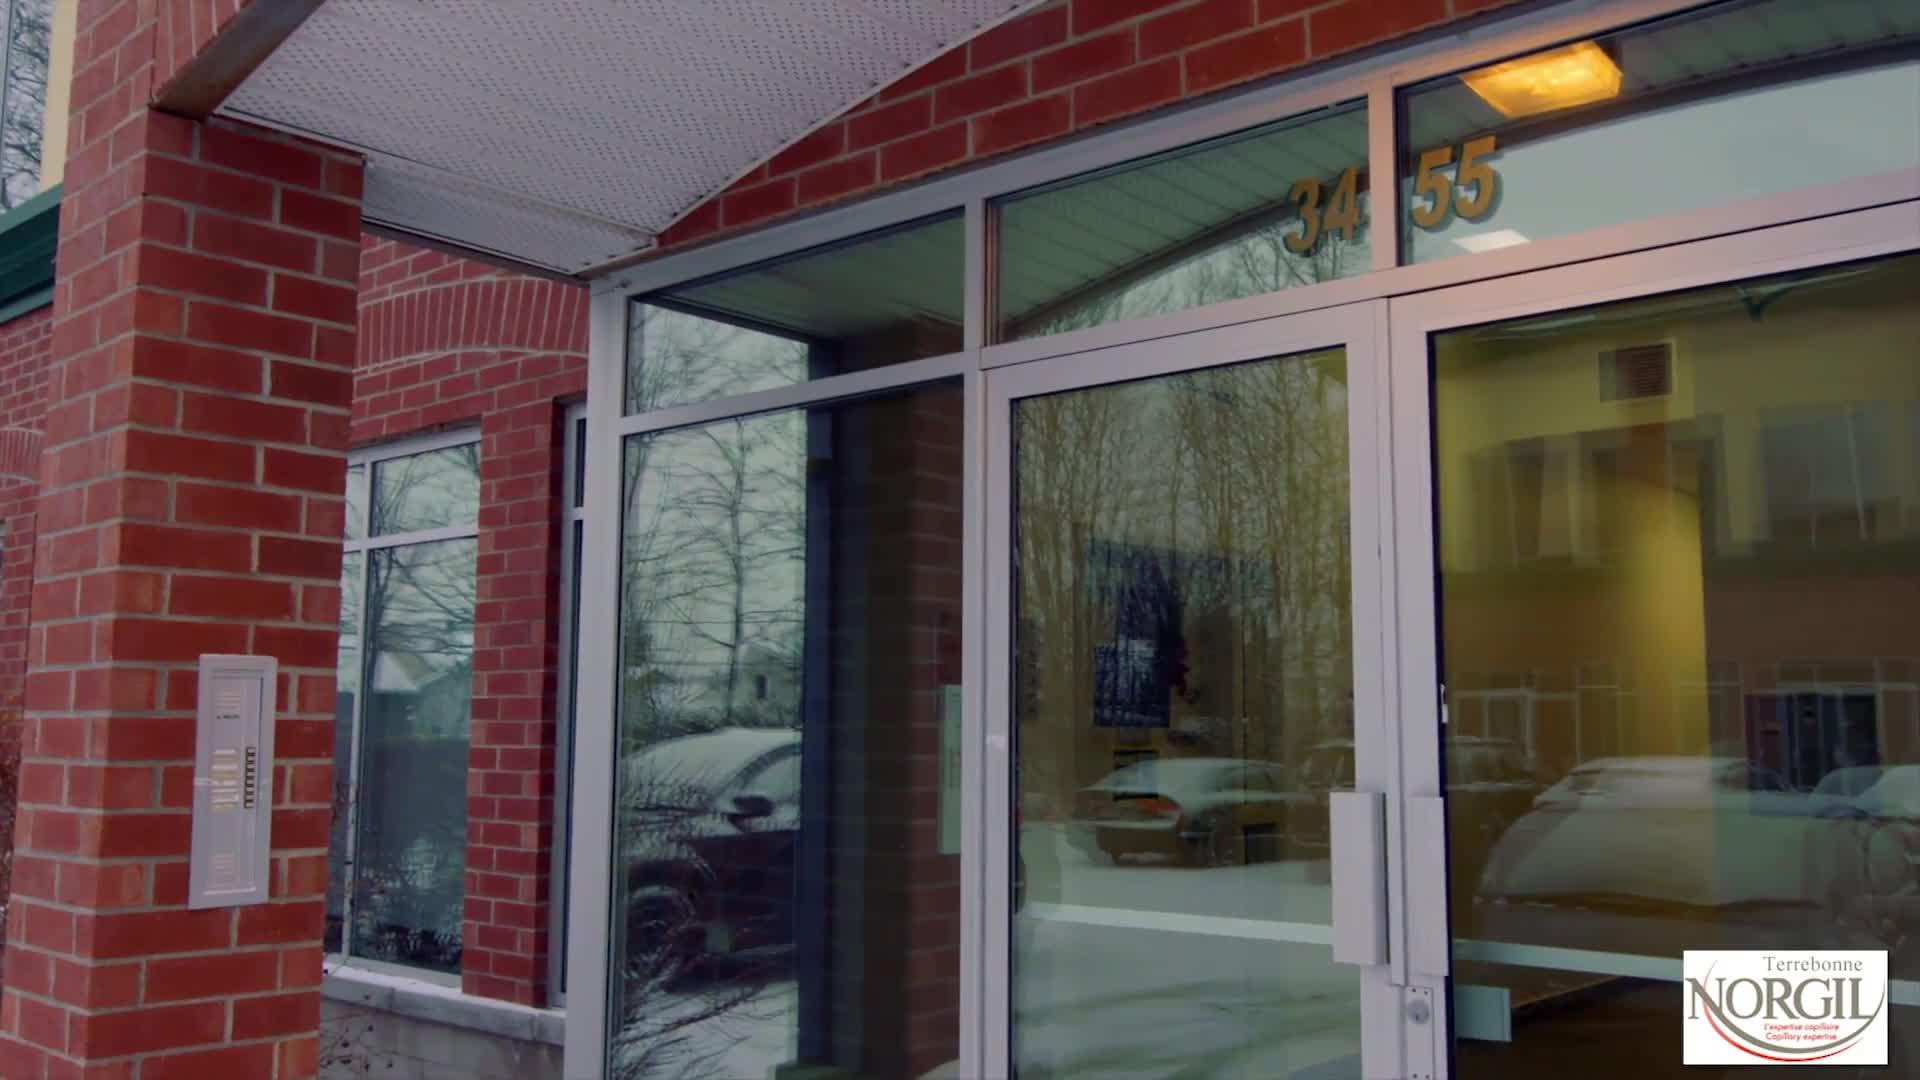 Centre D'Expertise Capillaire Norgil Terrebonne - Produits et traitements du cuir chevelu - 4508243007